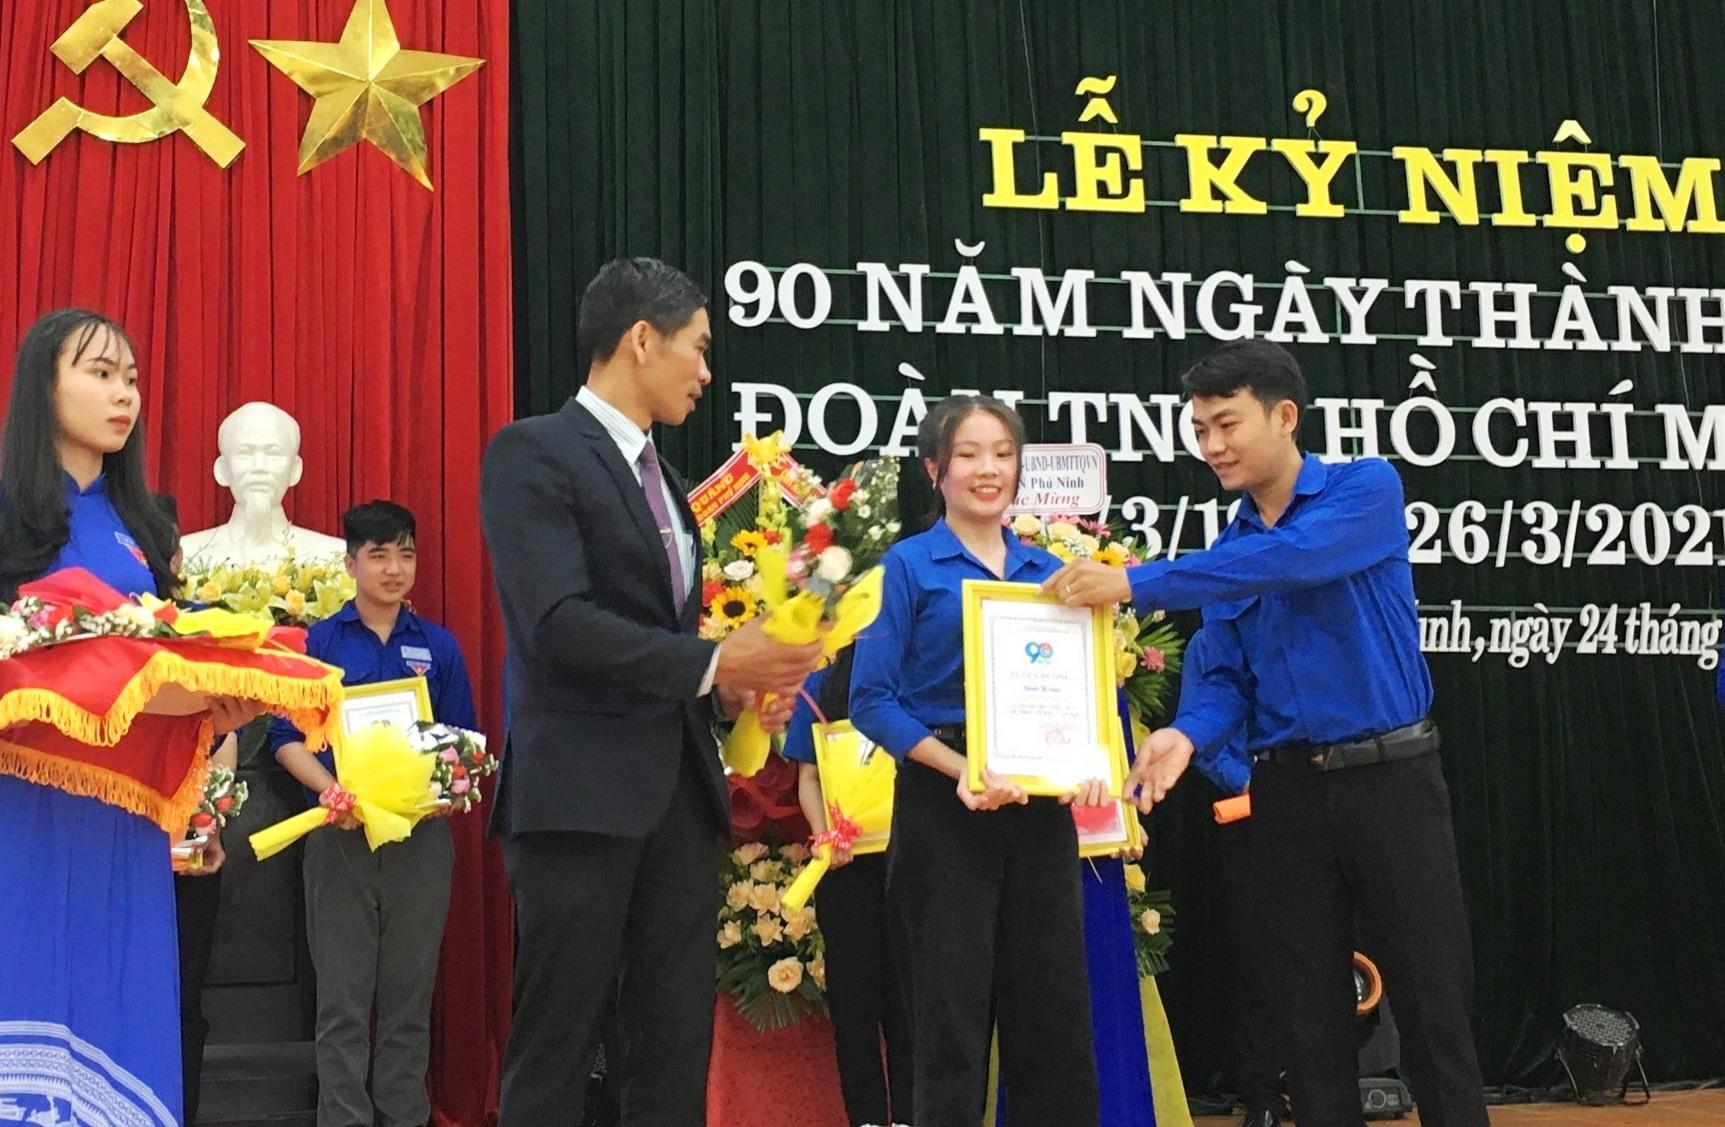 Anh Huỳnh Đức Trí (ngoài cùng bên phải) tại lễ kỷ niệm 90 năm thành lập Đoàn. Ảnh: H.C